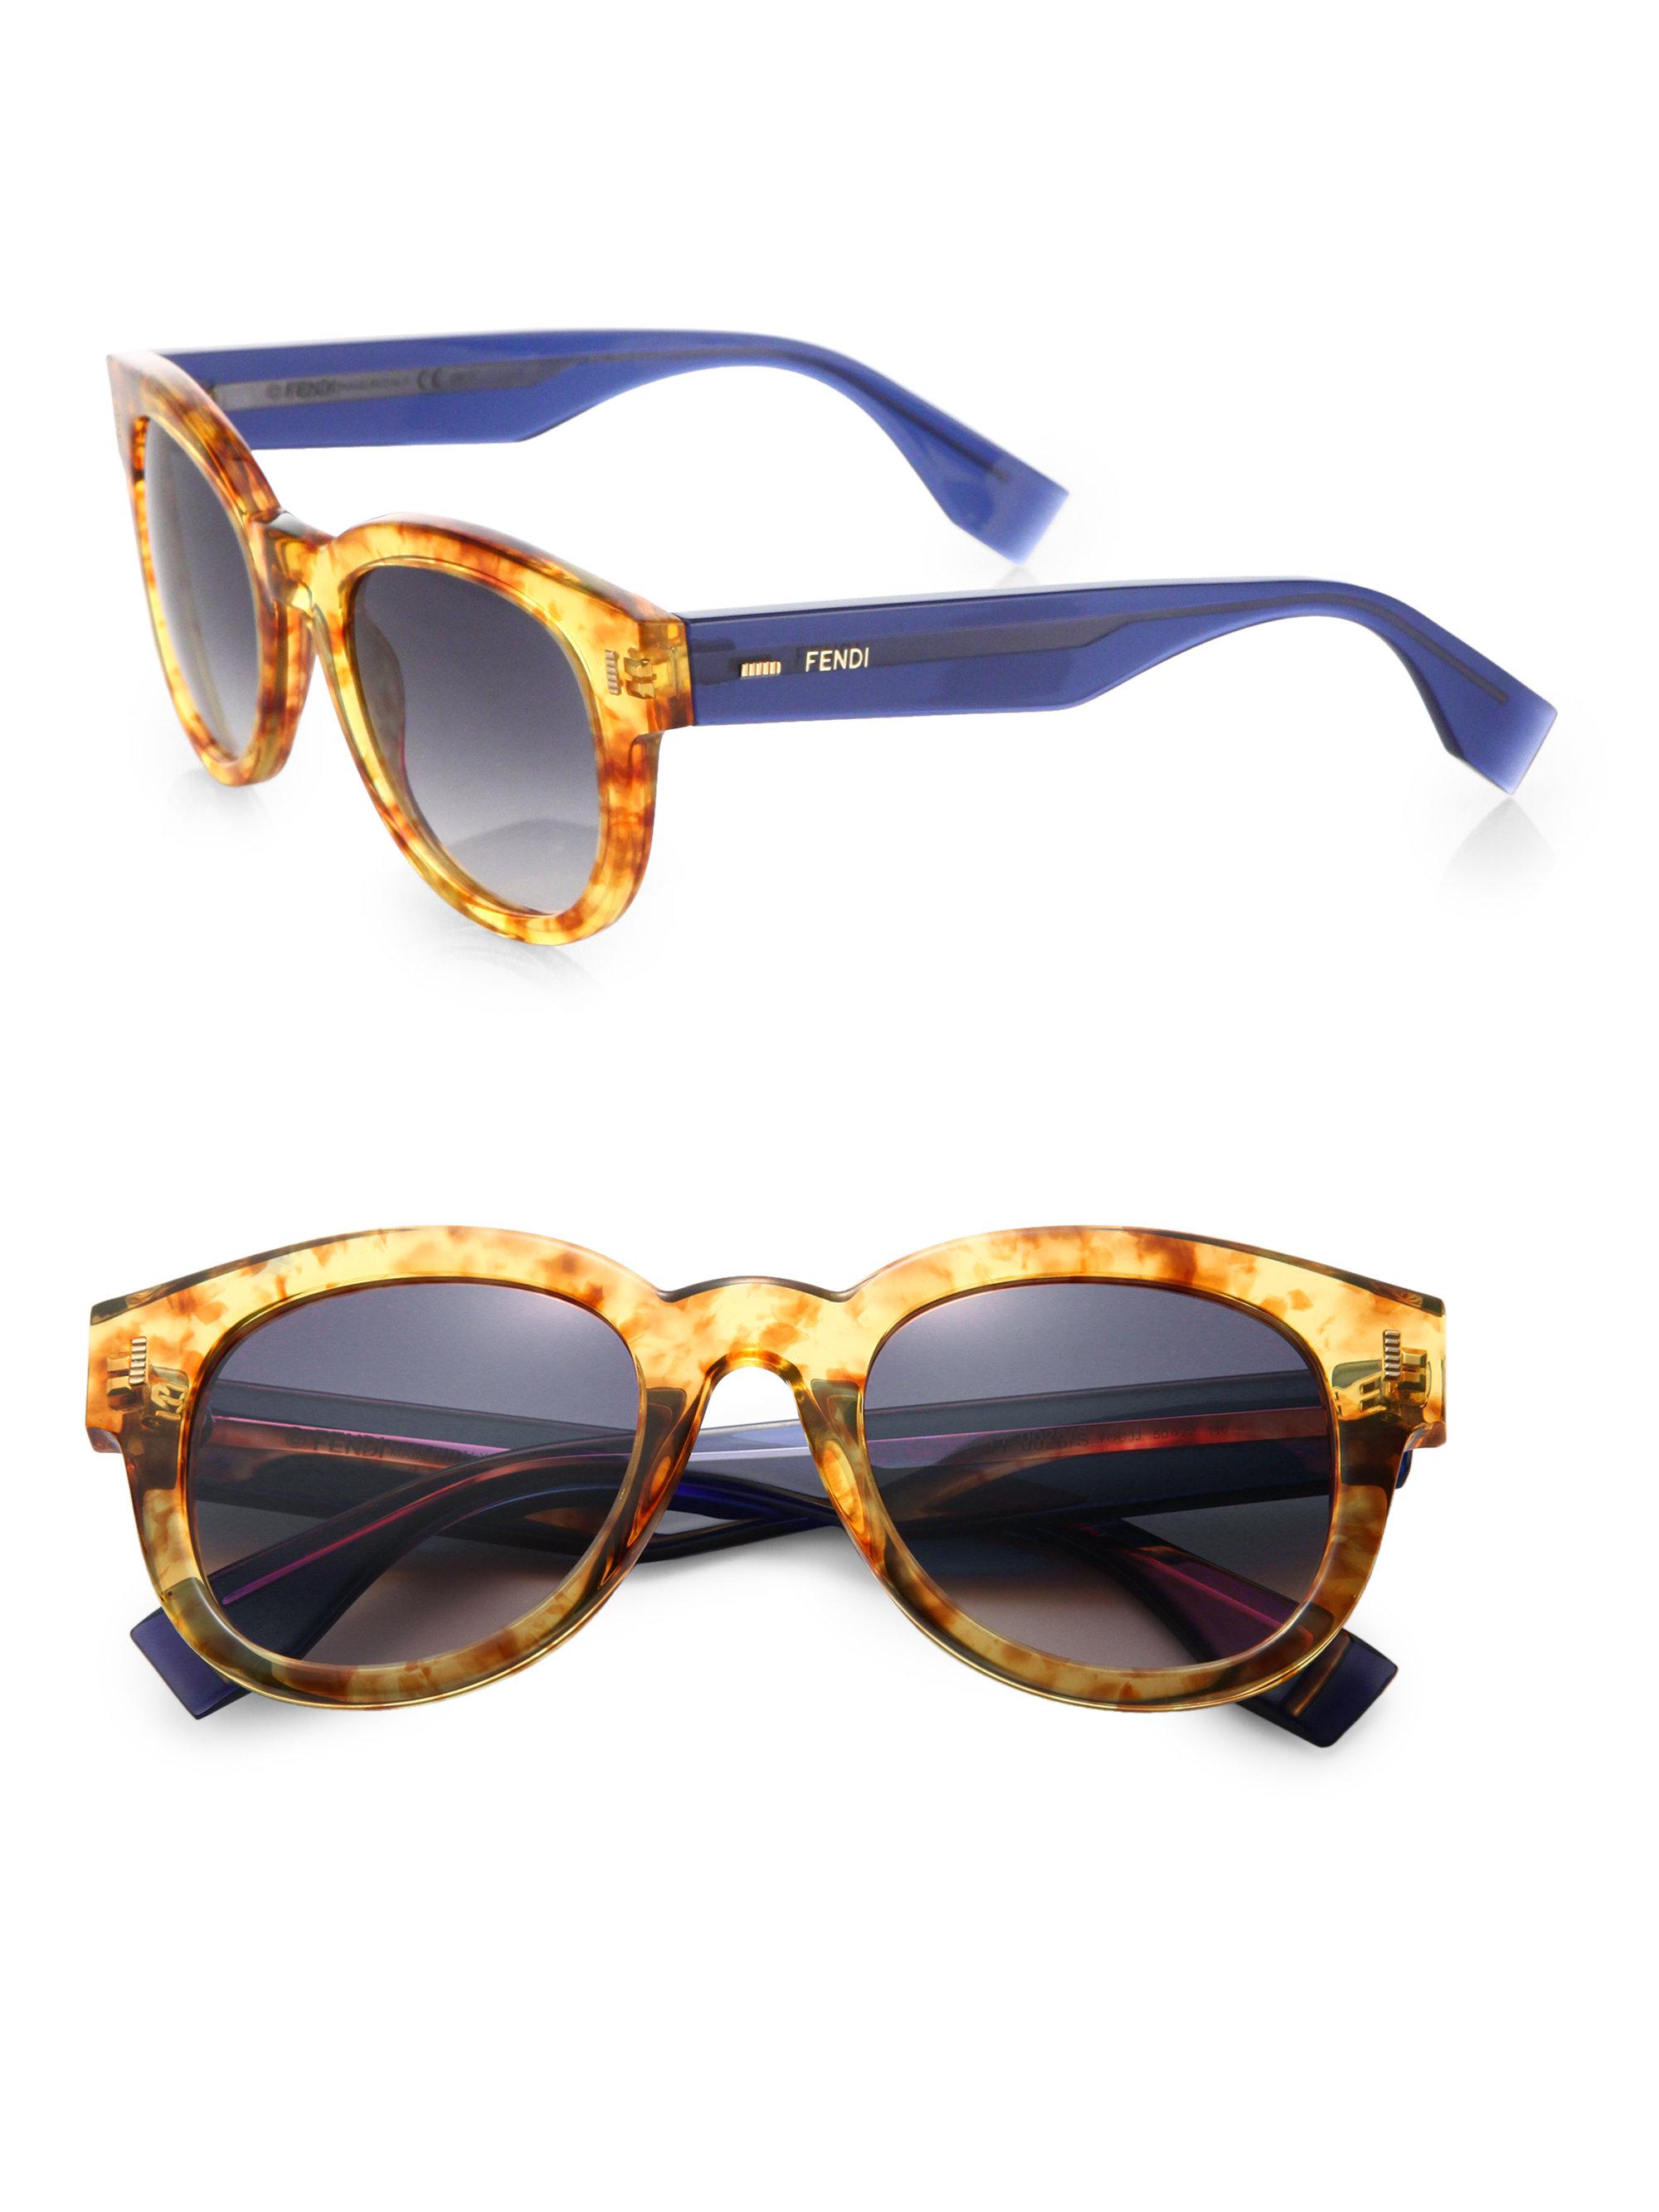 bbdcd706973c9 Fendi Colorblock Square Acetate Sunglasses - Lyst